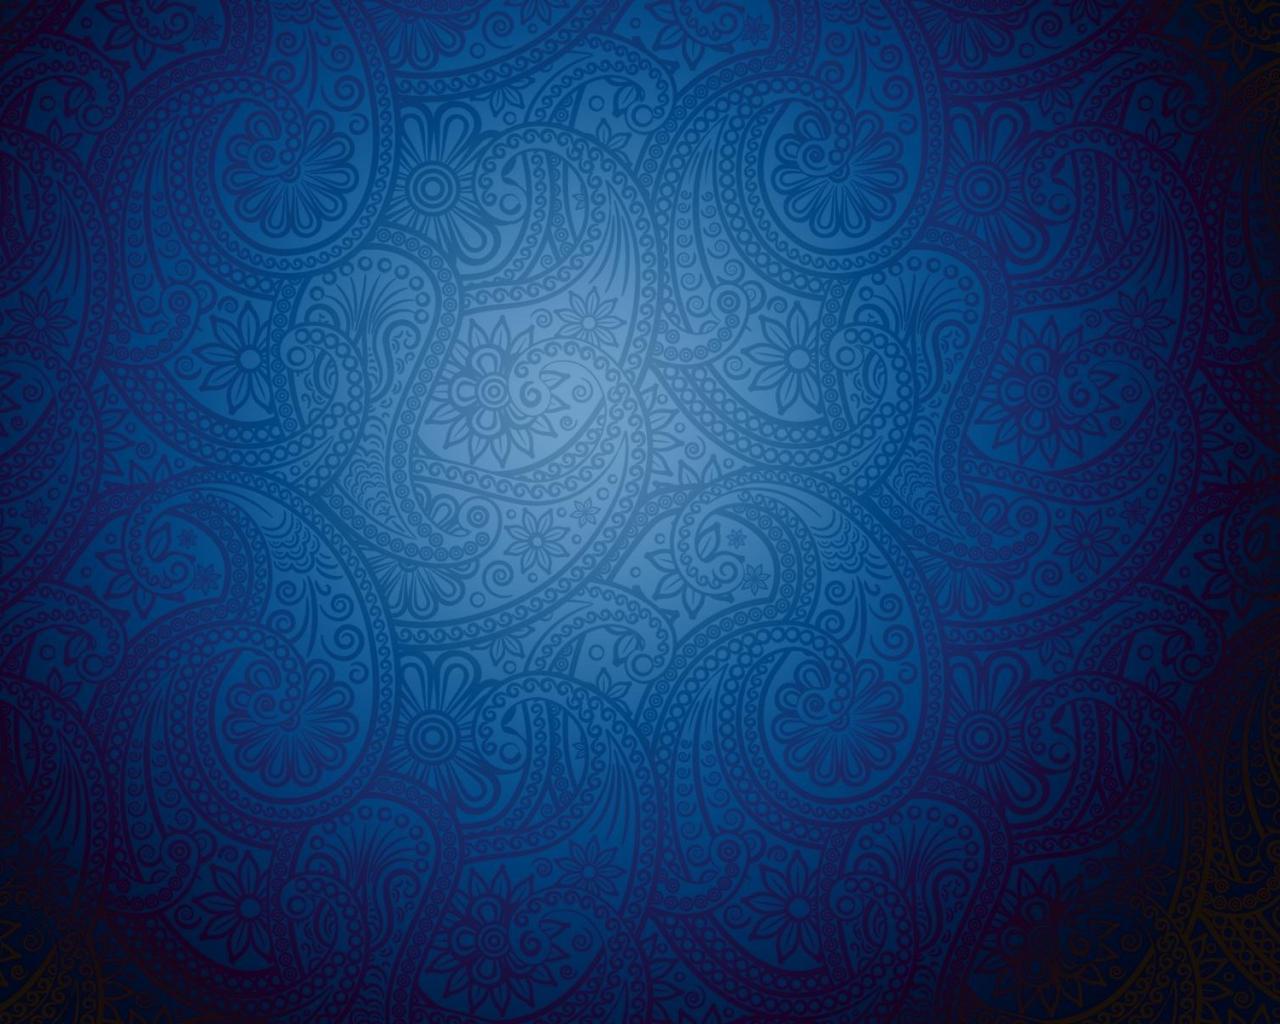 Текстура узоры синий фон обои для